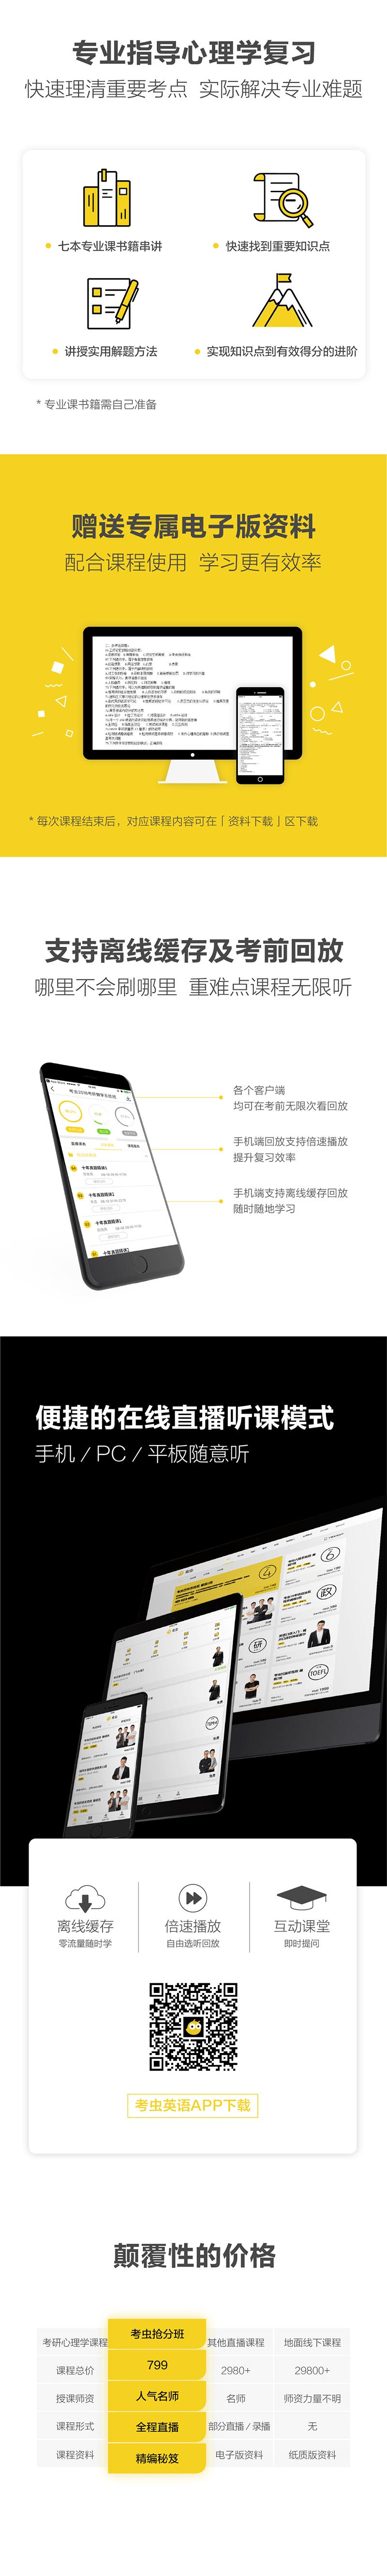 18考研心理学统考312抢分班-02.png